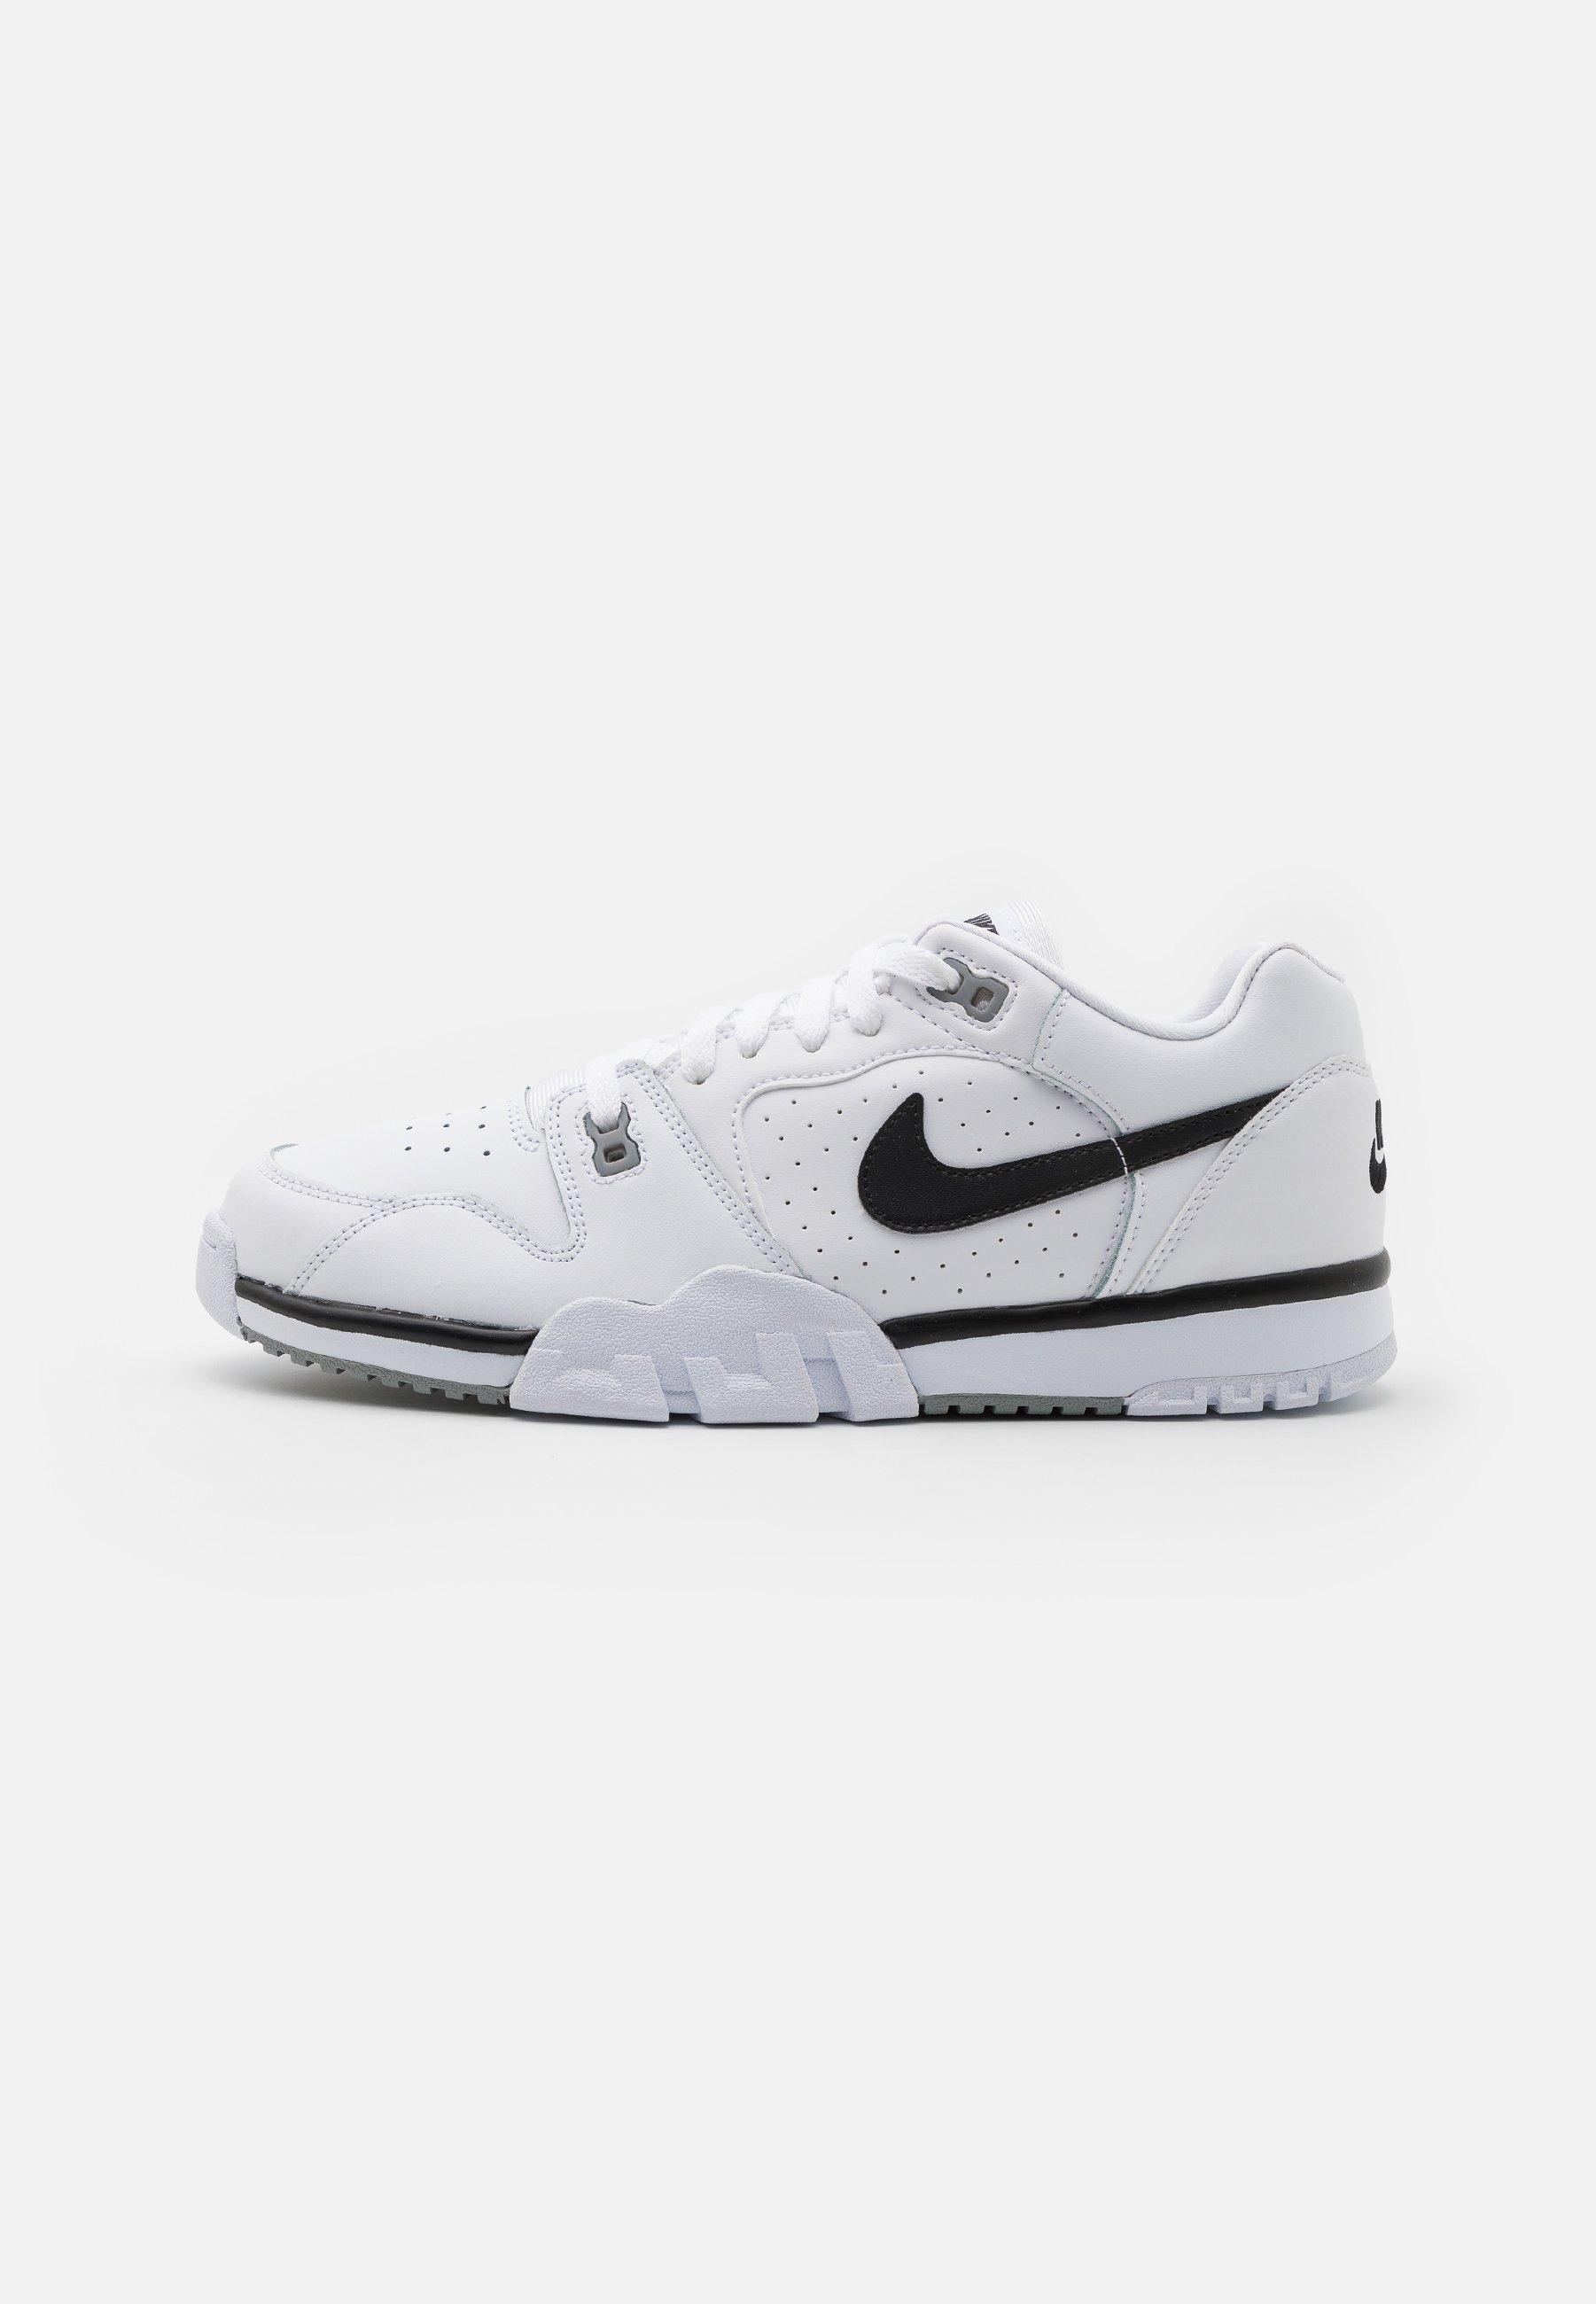 Chaussures homme Nike | Large choix en ligne sur Zalando